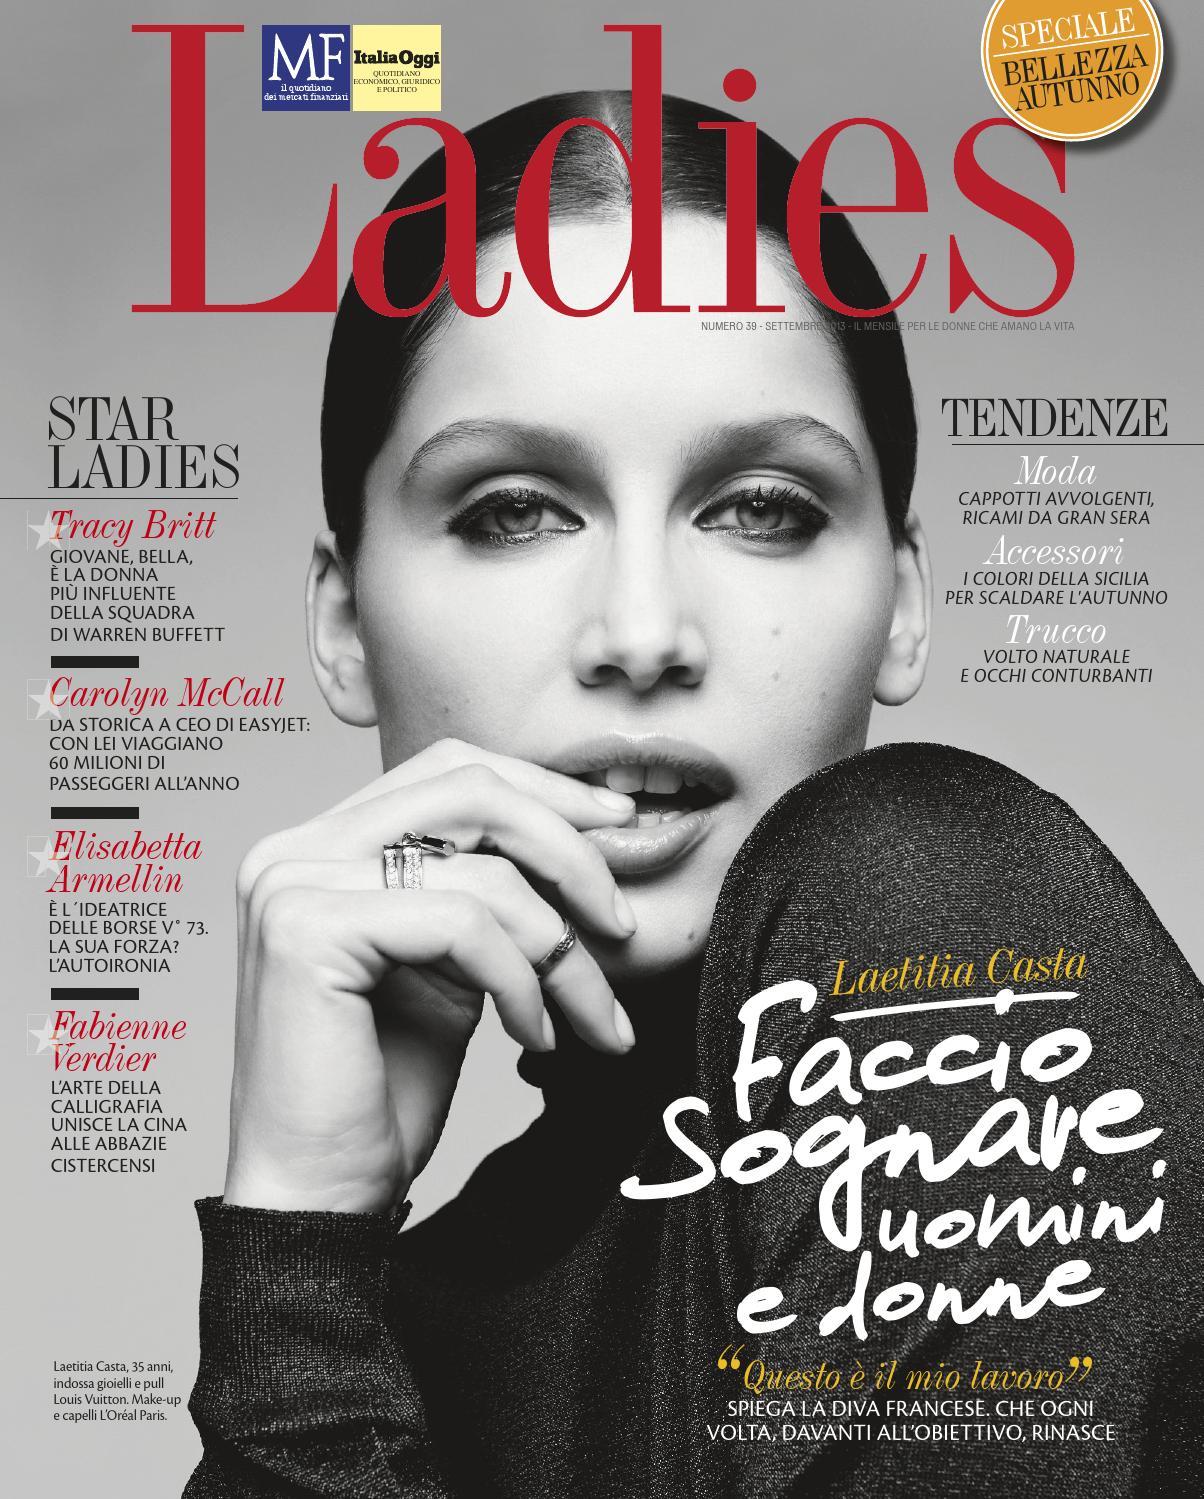 Ladies settembre 2013 by Class Editori - issuu 70f0dad635b3